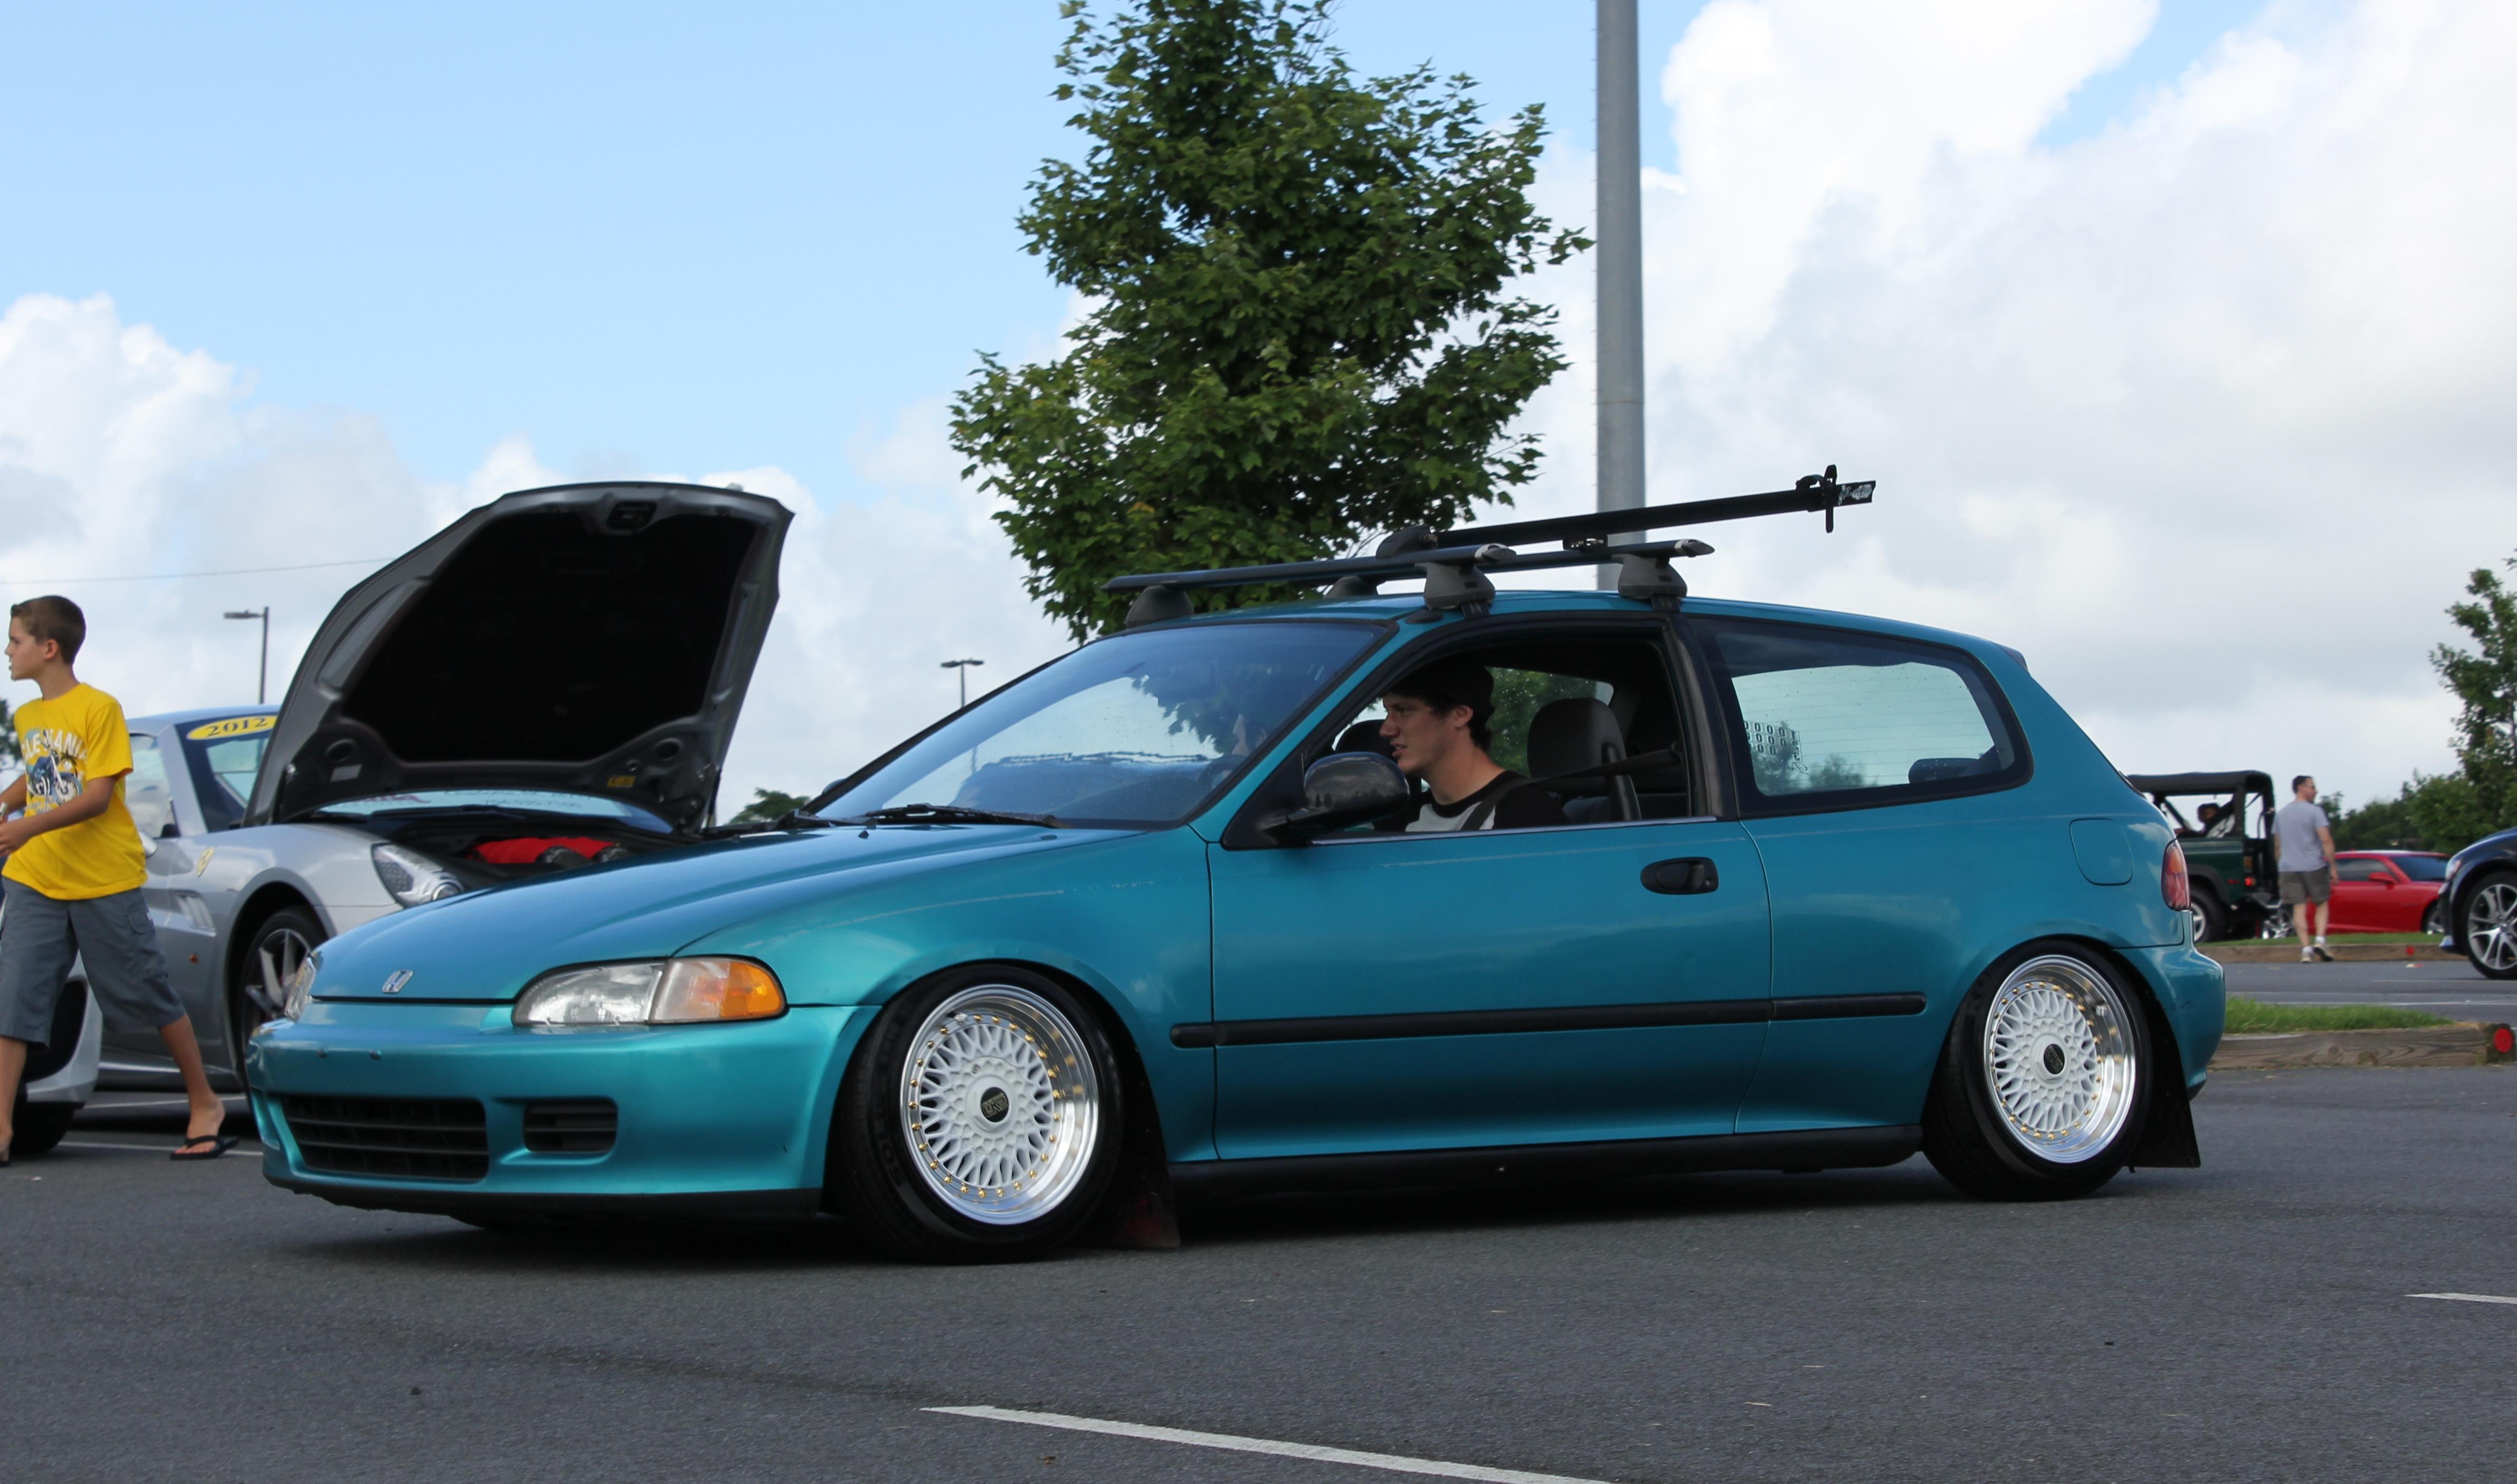 Slammed honda civic eg hatch flickr photo sharing for Honda eg hatchback